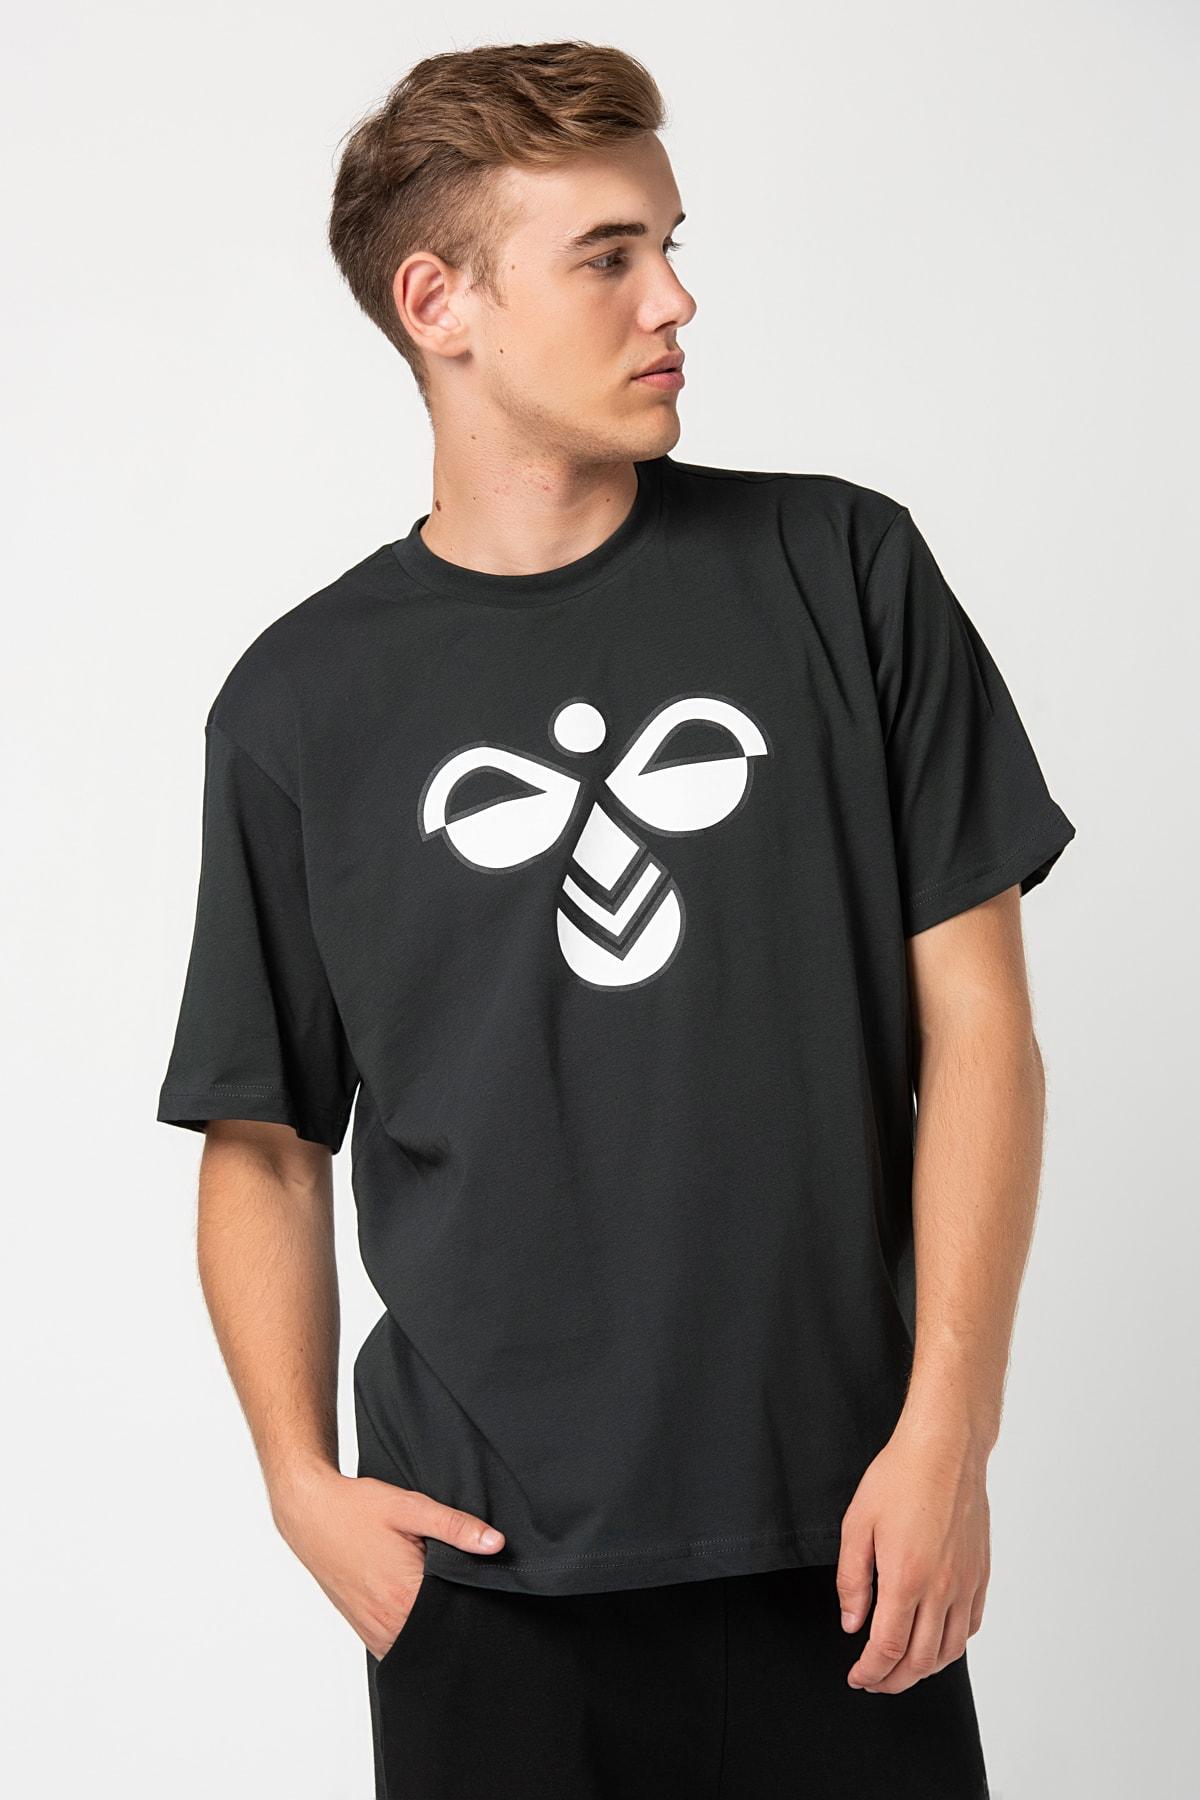 HUMMEL Erkek T-Shirt - Hmlyivianno  T-Shirt S/S Tee 1